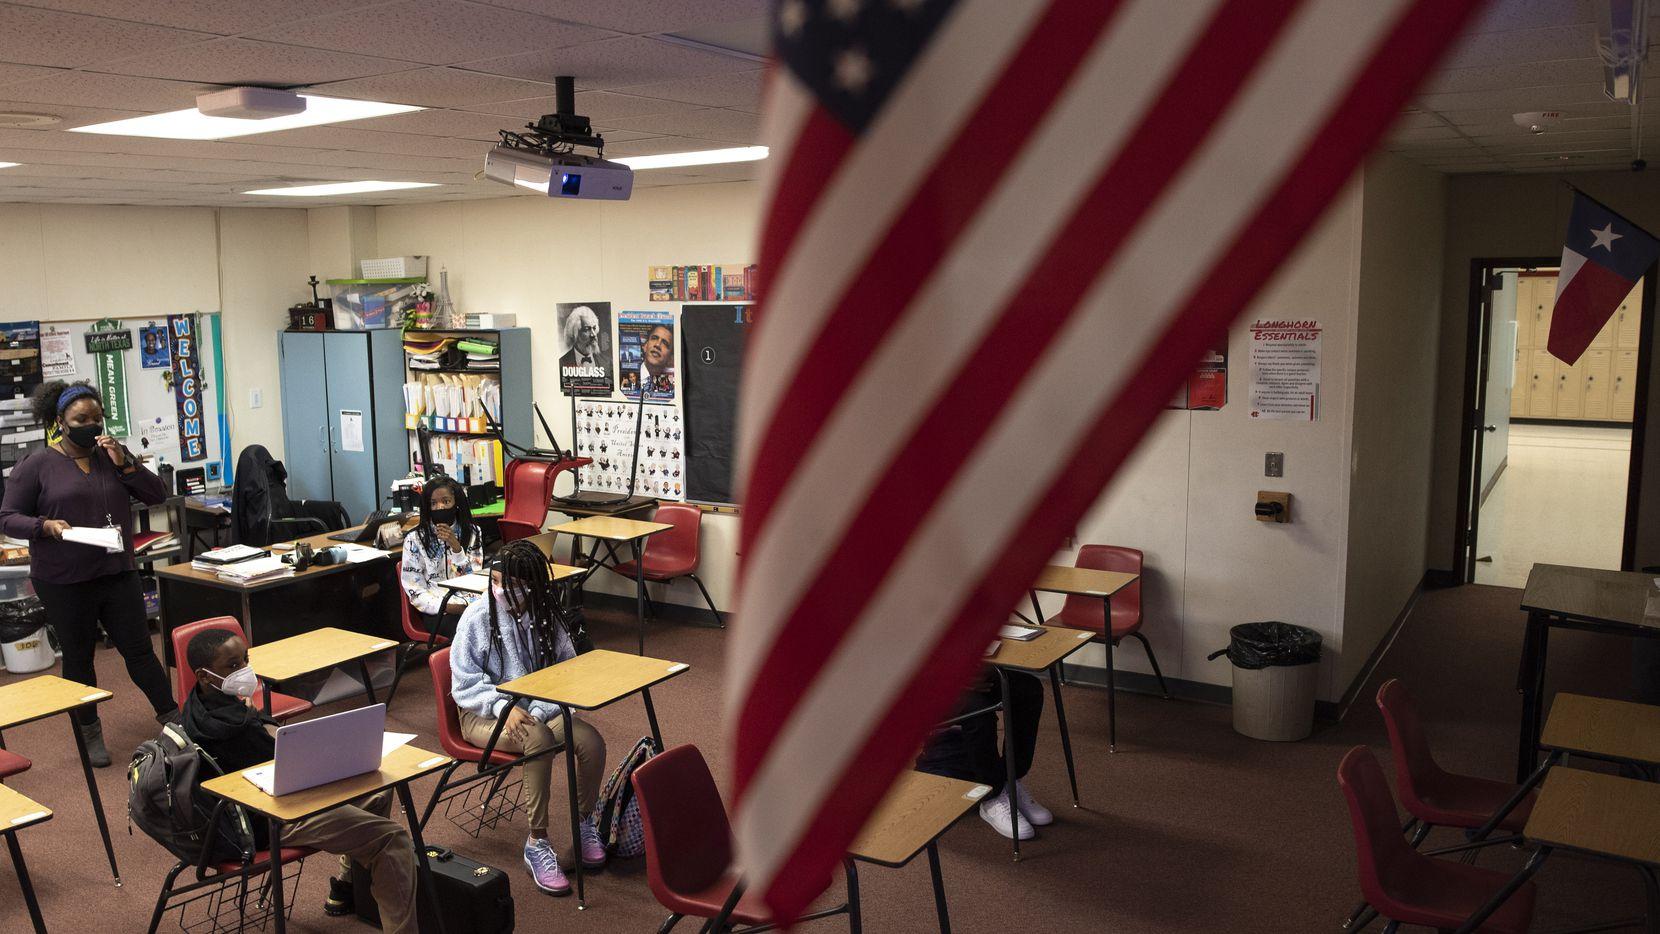 Una bandera estadounidense flamea en una clase de historia americana en un aula de octavo grado de  la secundaria Permenter en Cedar Hill.